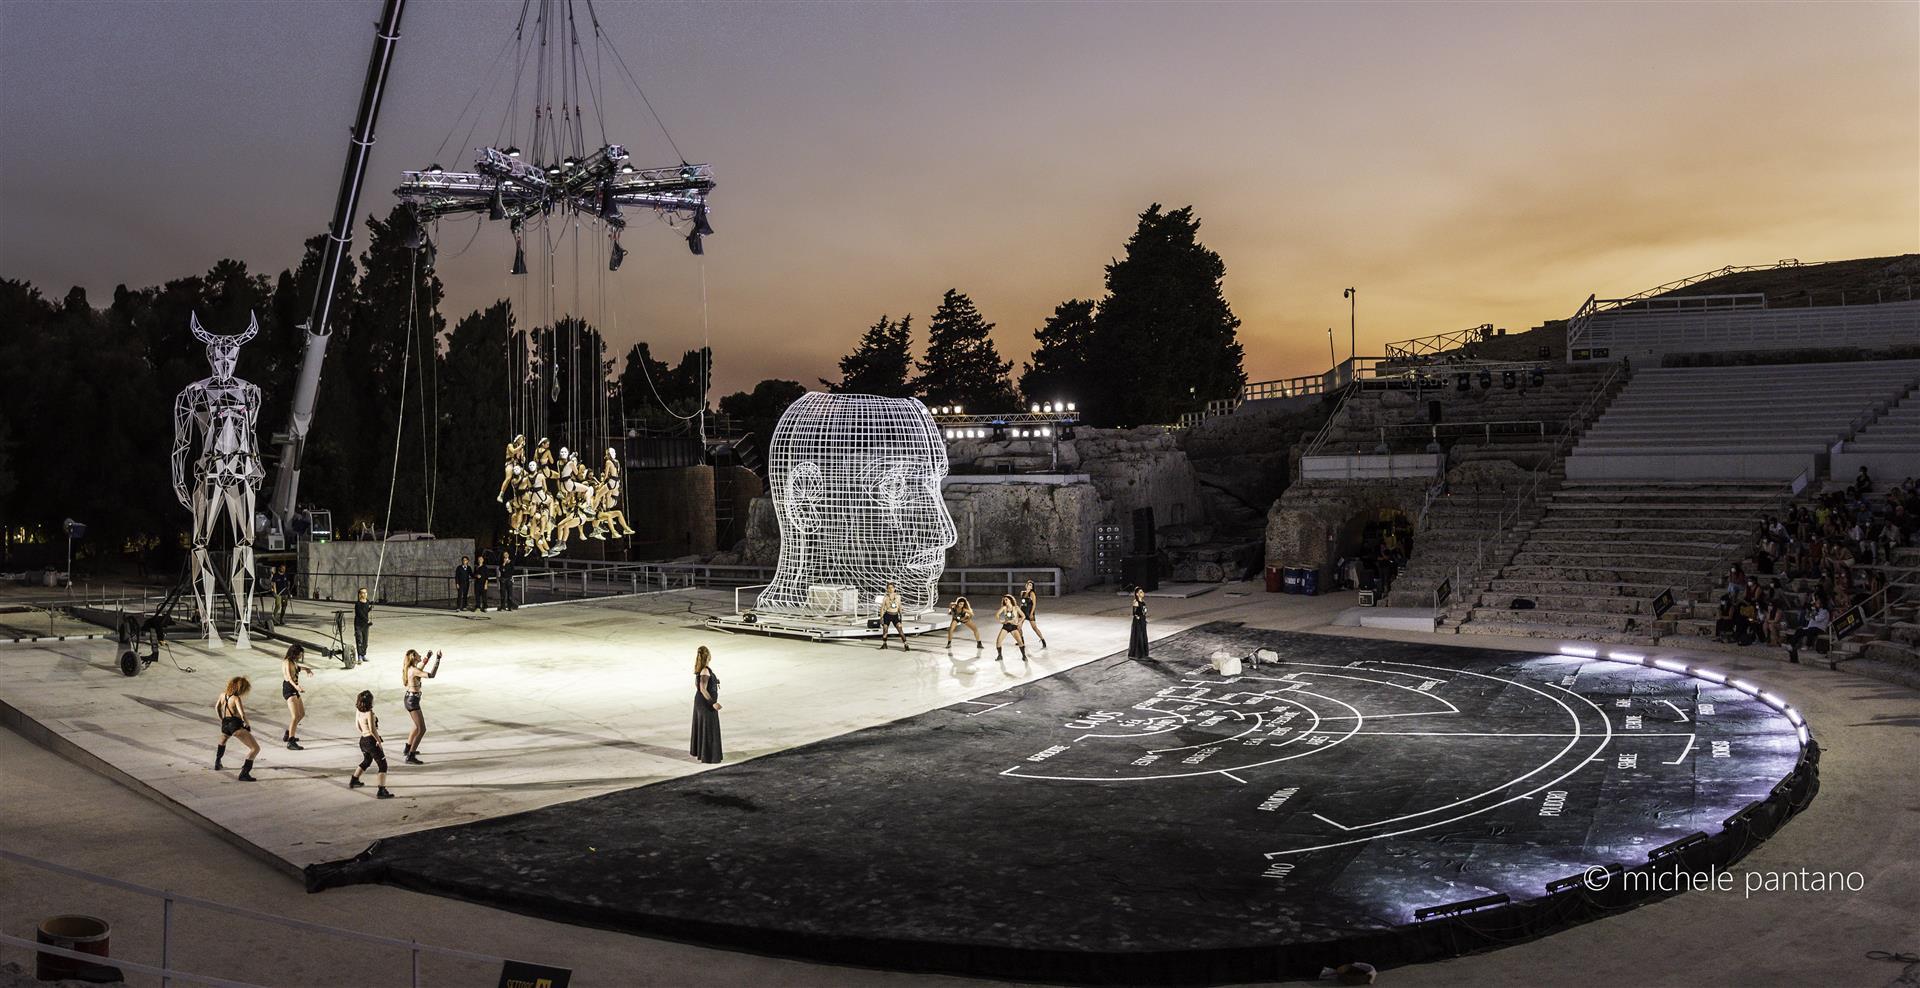 Carlus Padrissa, Baccanti, 2021, © Michele Pantano